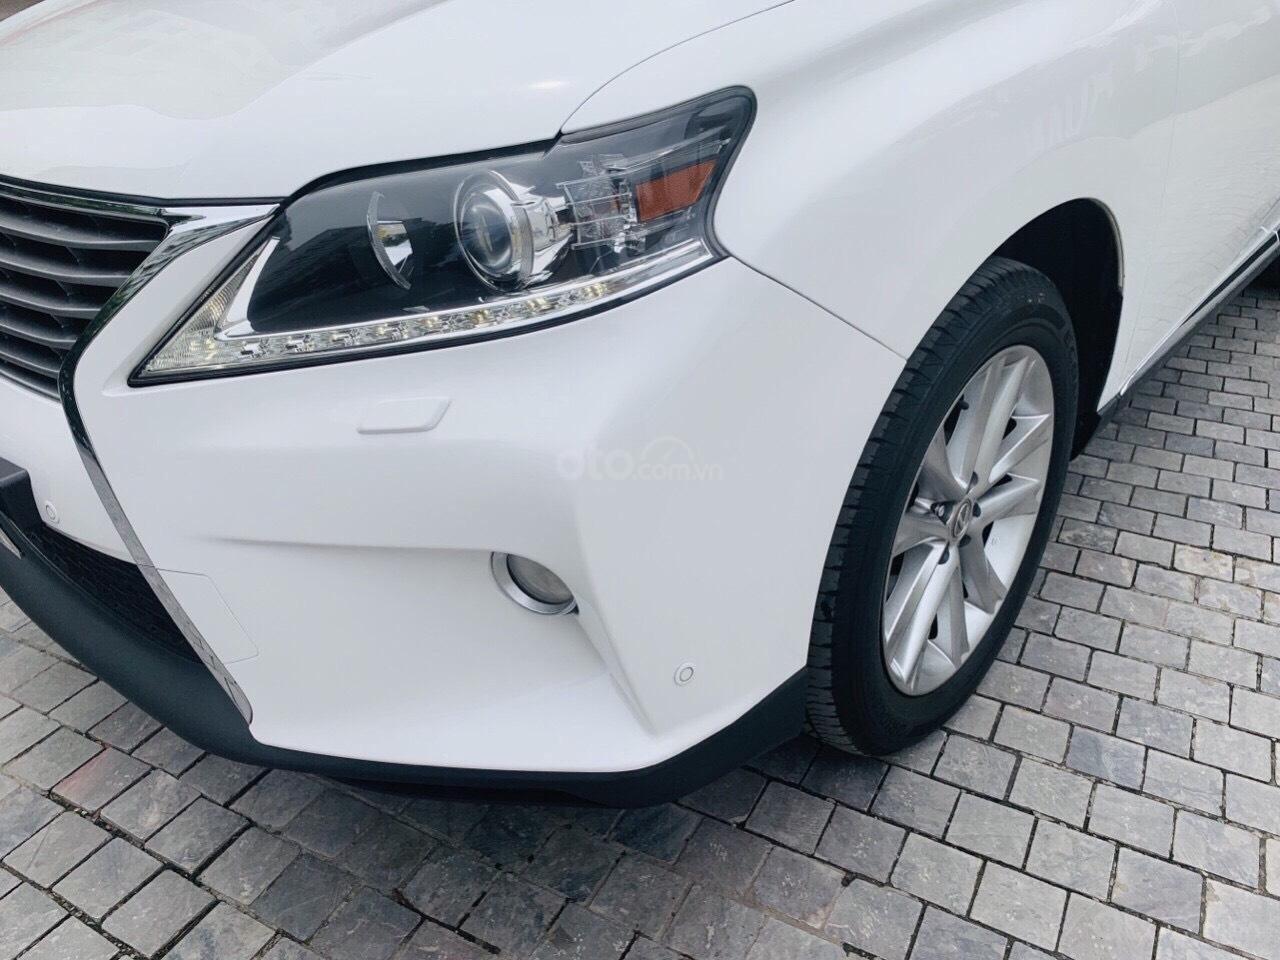 Cần bán xe Lexus RX 350 năm sản xuất 2014, màu trắng, nhập khẩu nguyên chiếc (7)